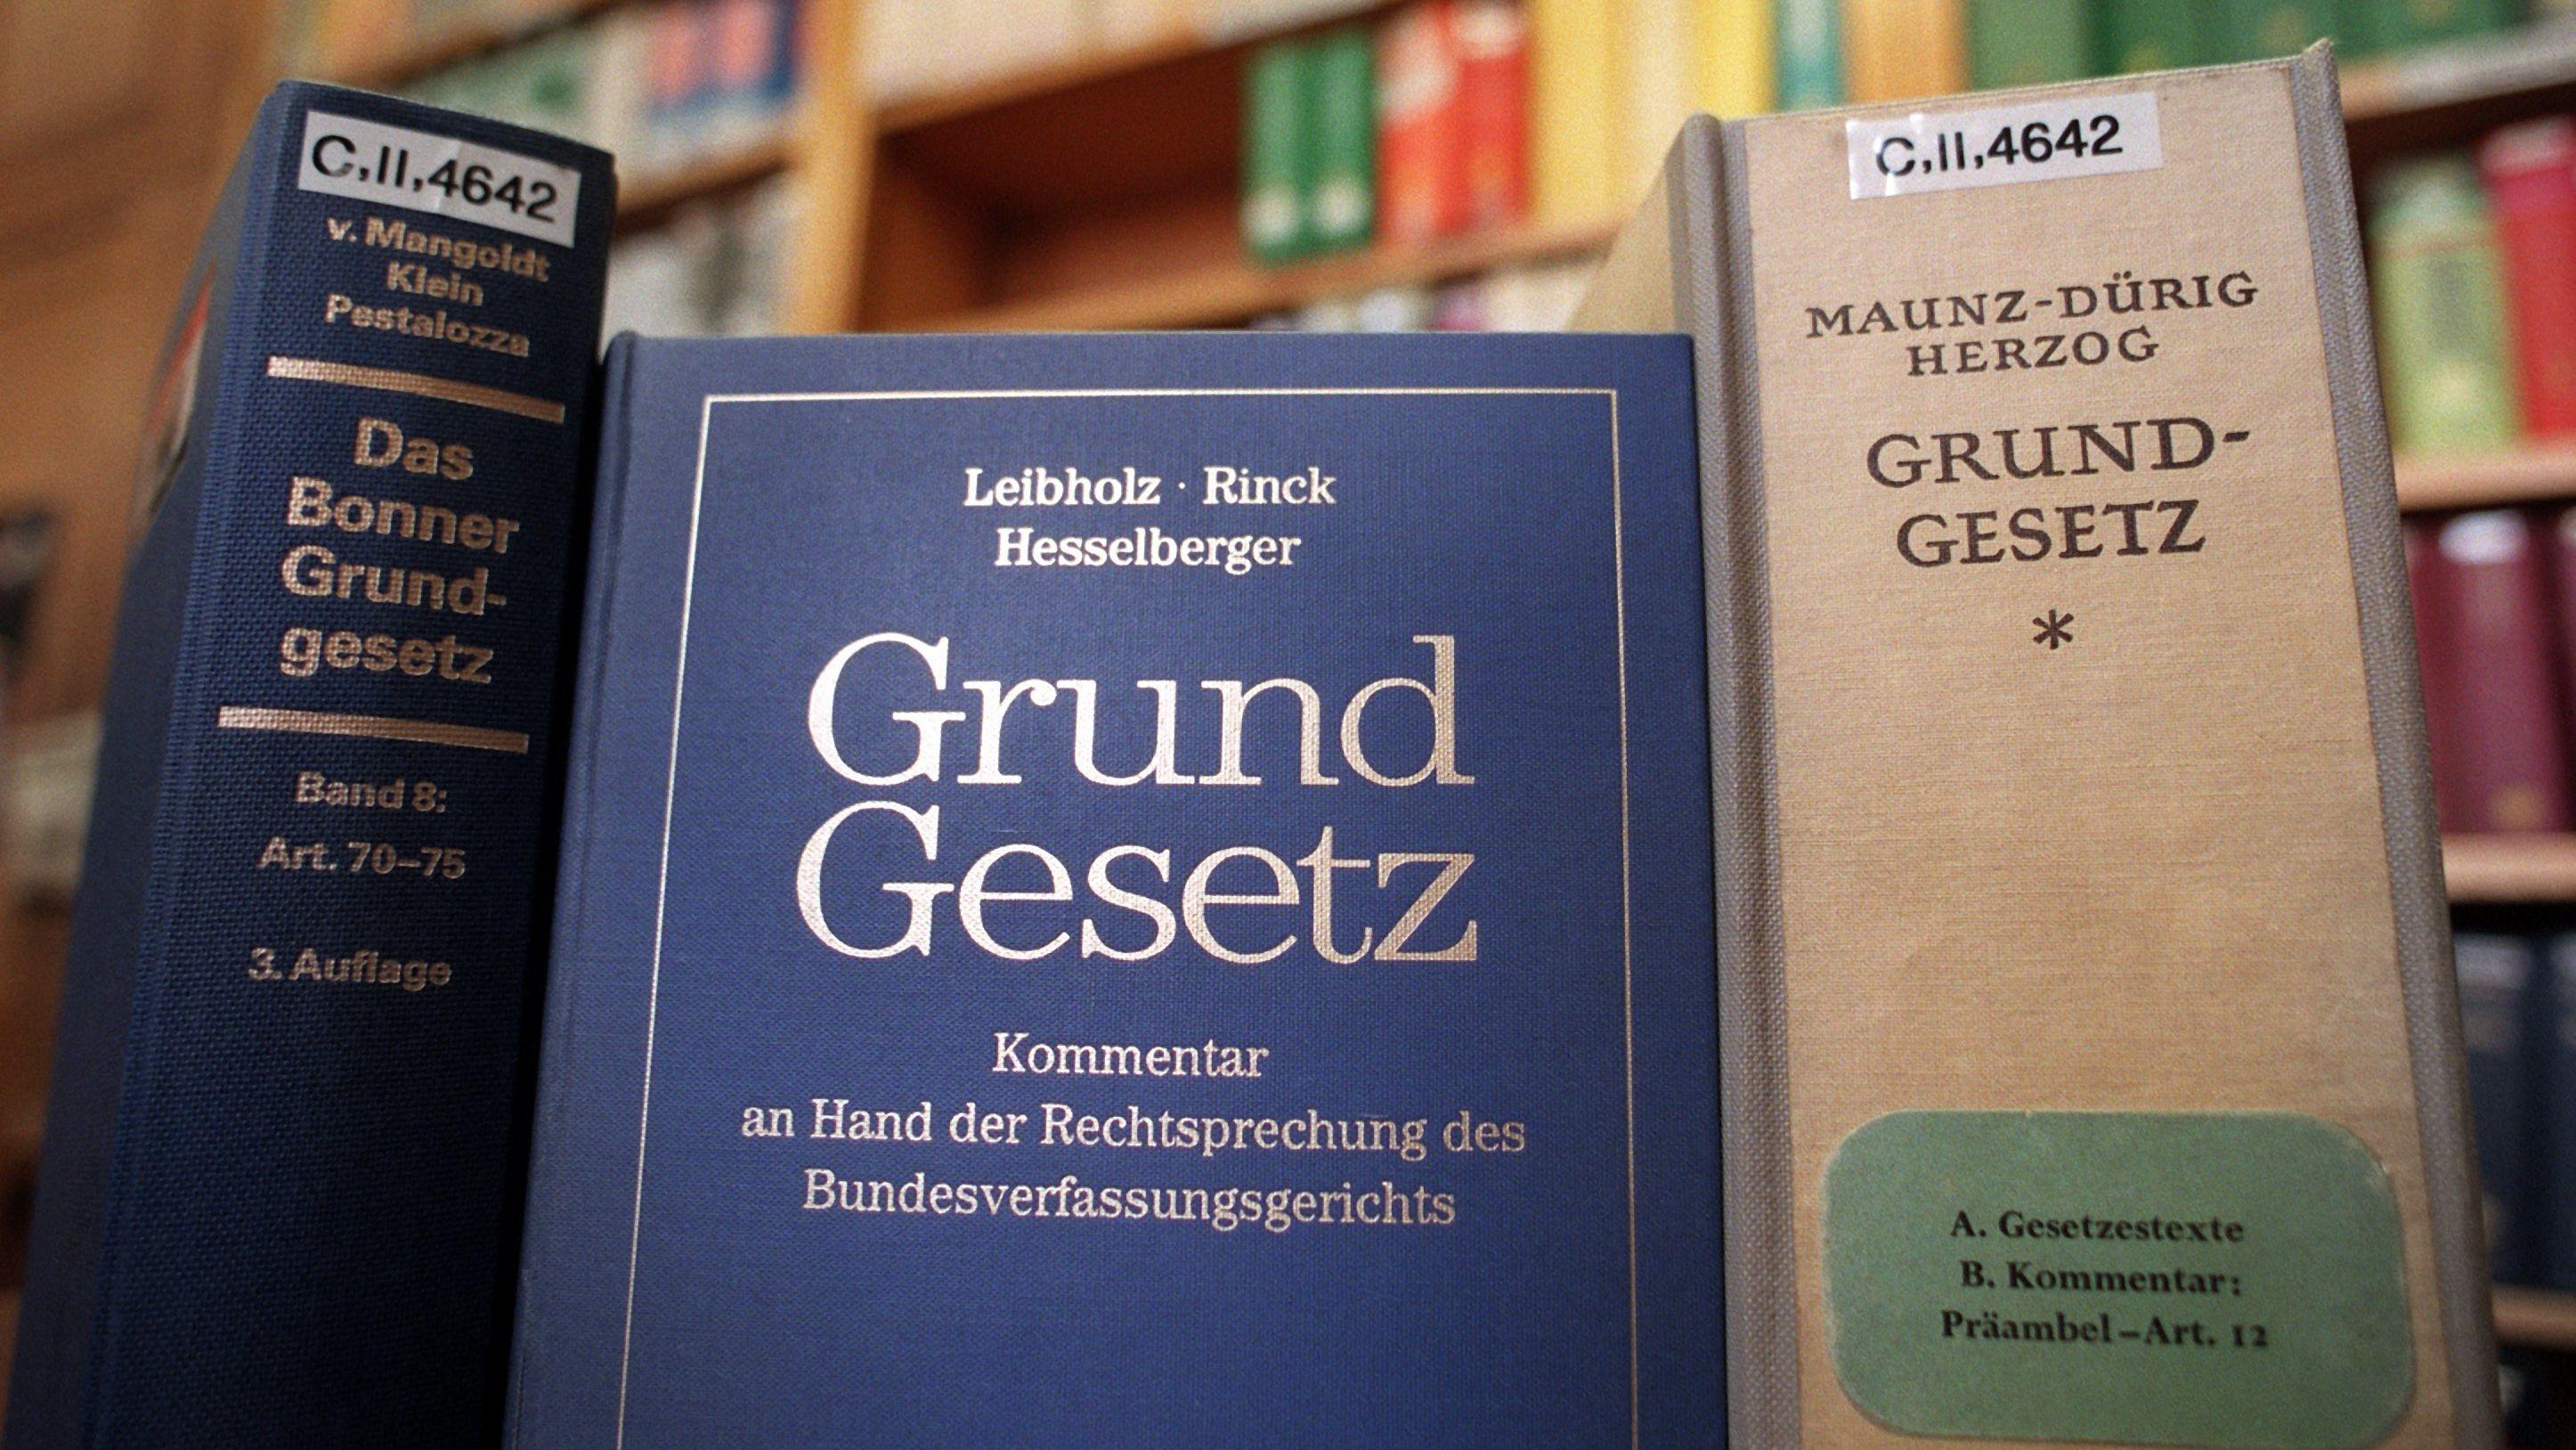 In der Senatsbibliothek Berlin stehen verschiedene Ausgaben des Gundgesetzes und Kommentare dazu im Lesesaal zur Verfügung.